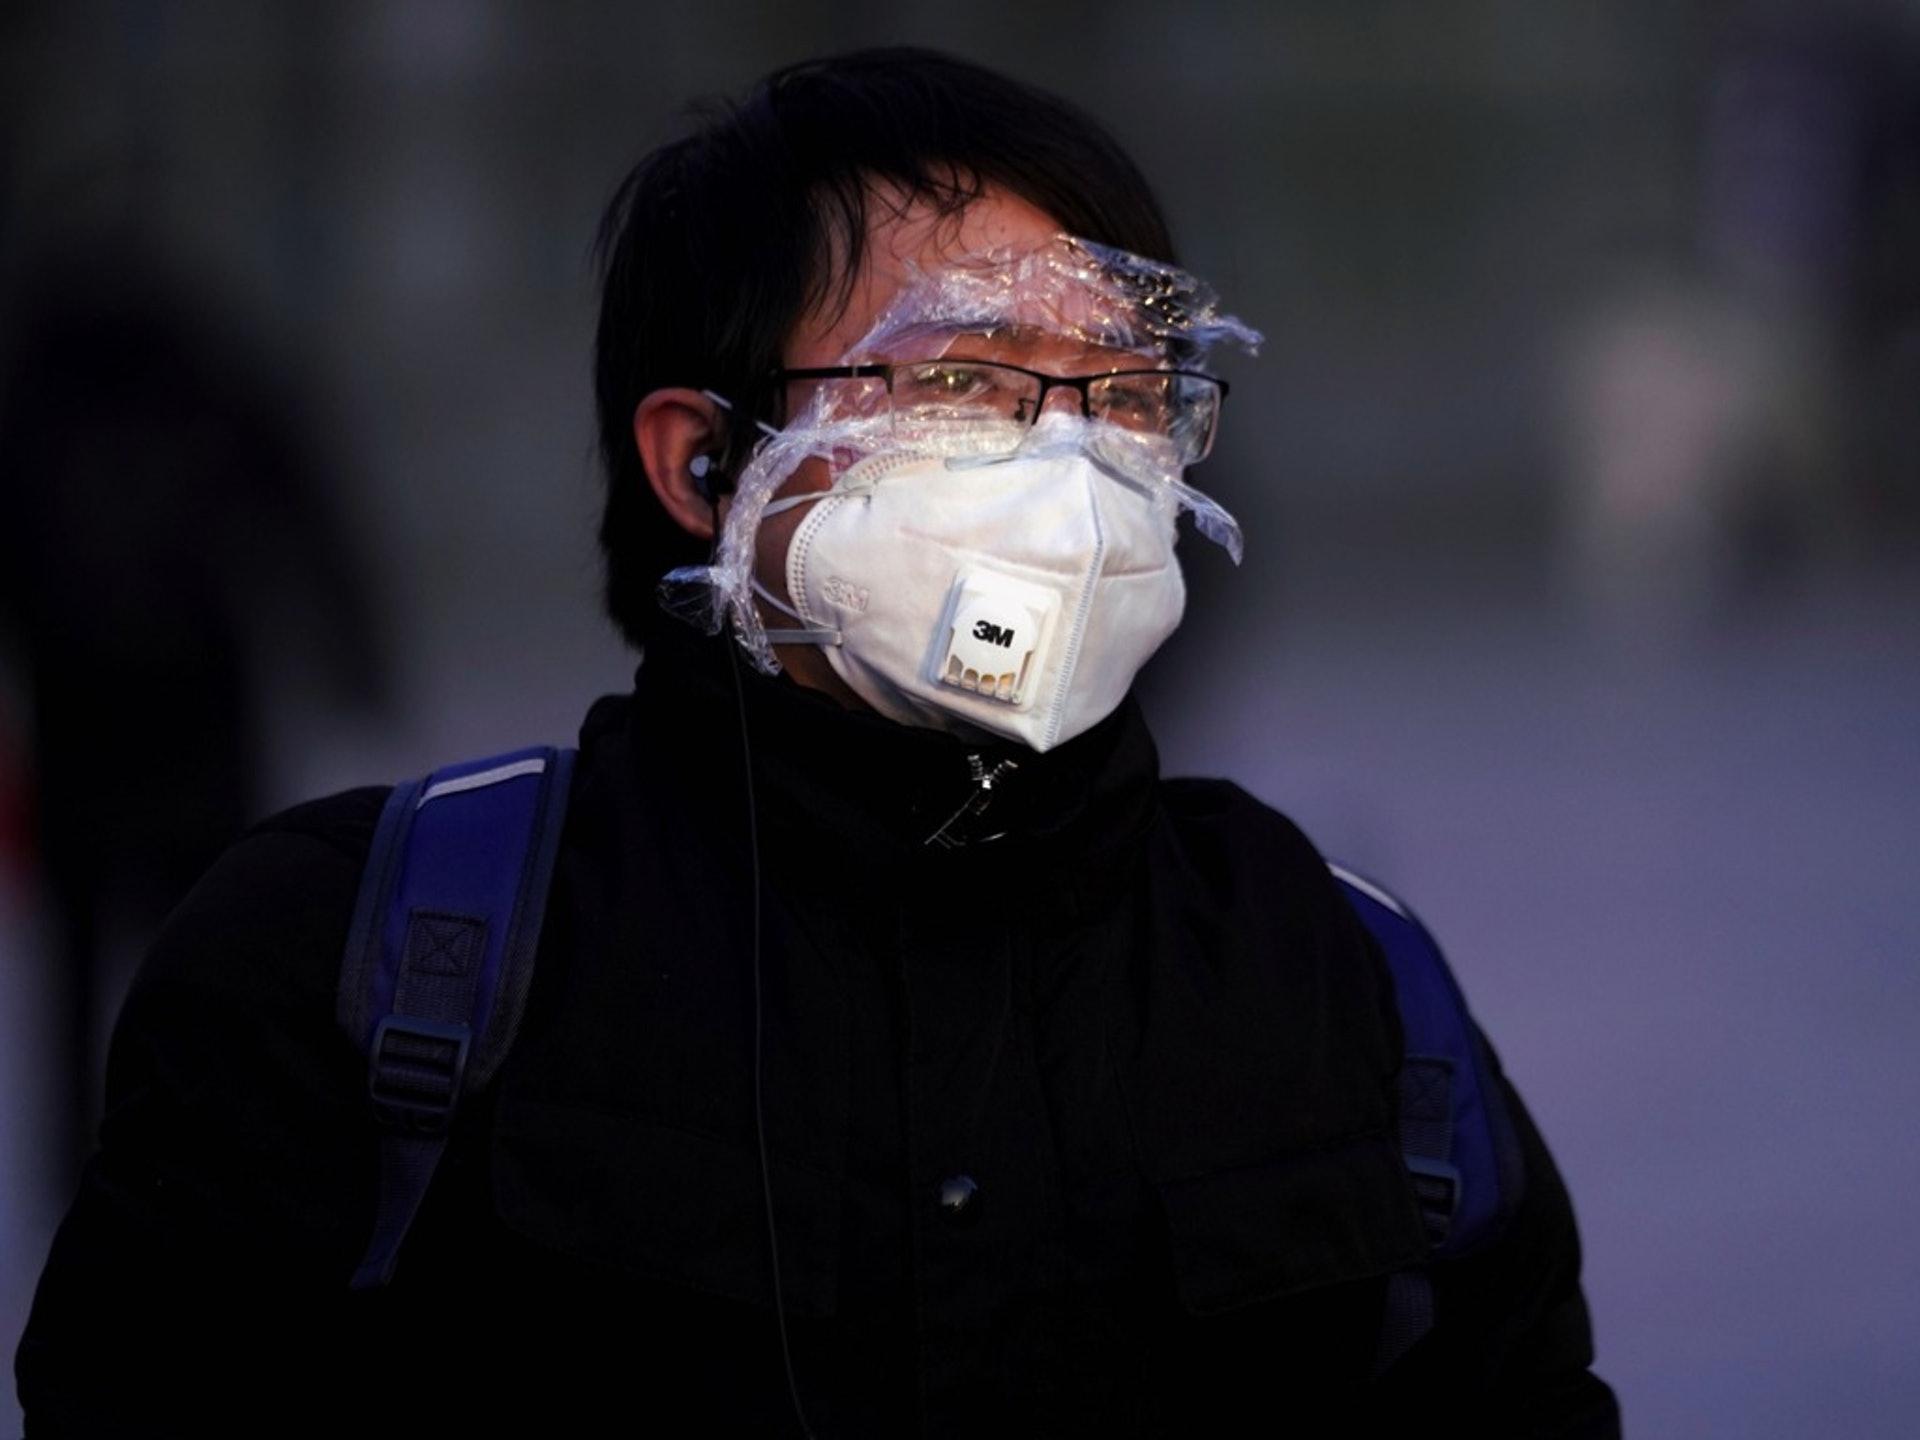 武汉肺炎疫情蔓延的情形下,世界各地民众都加强了自我防护。(Reuters)